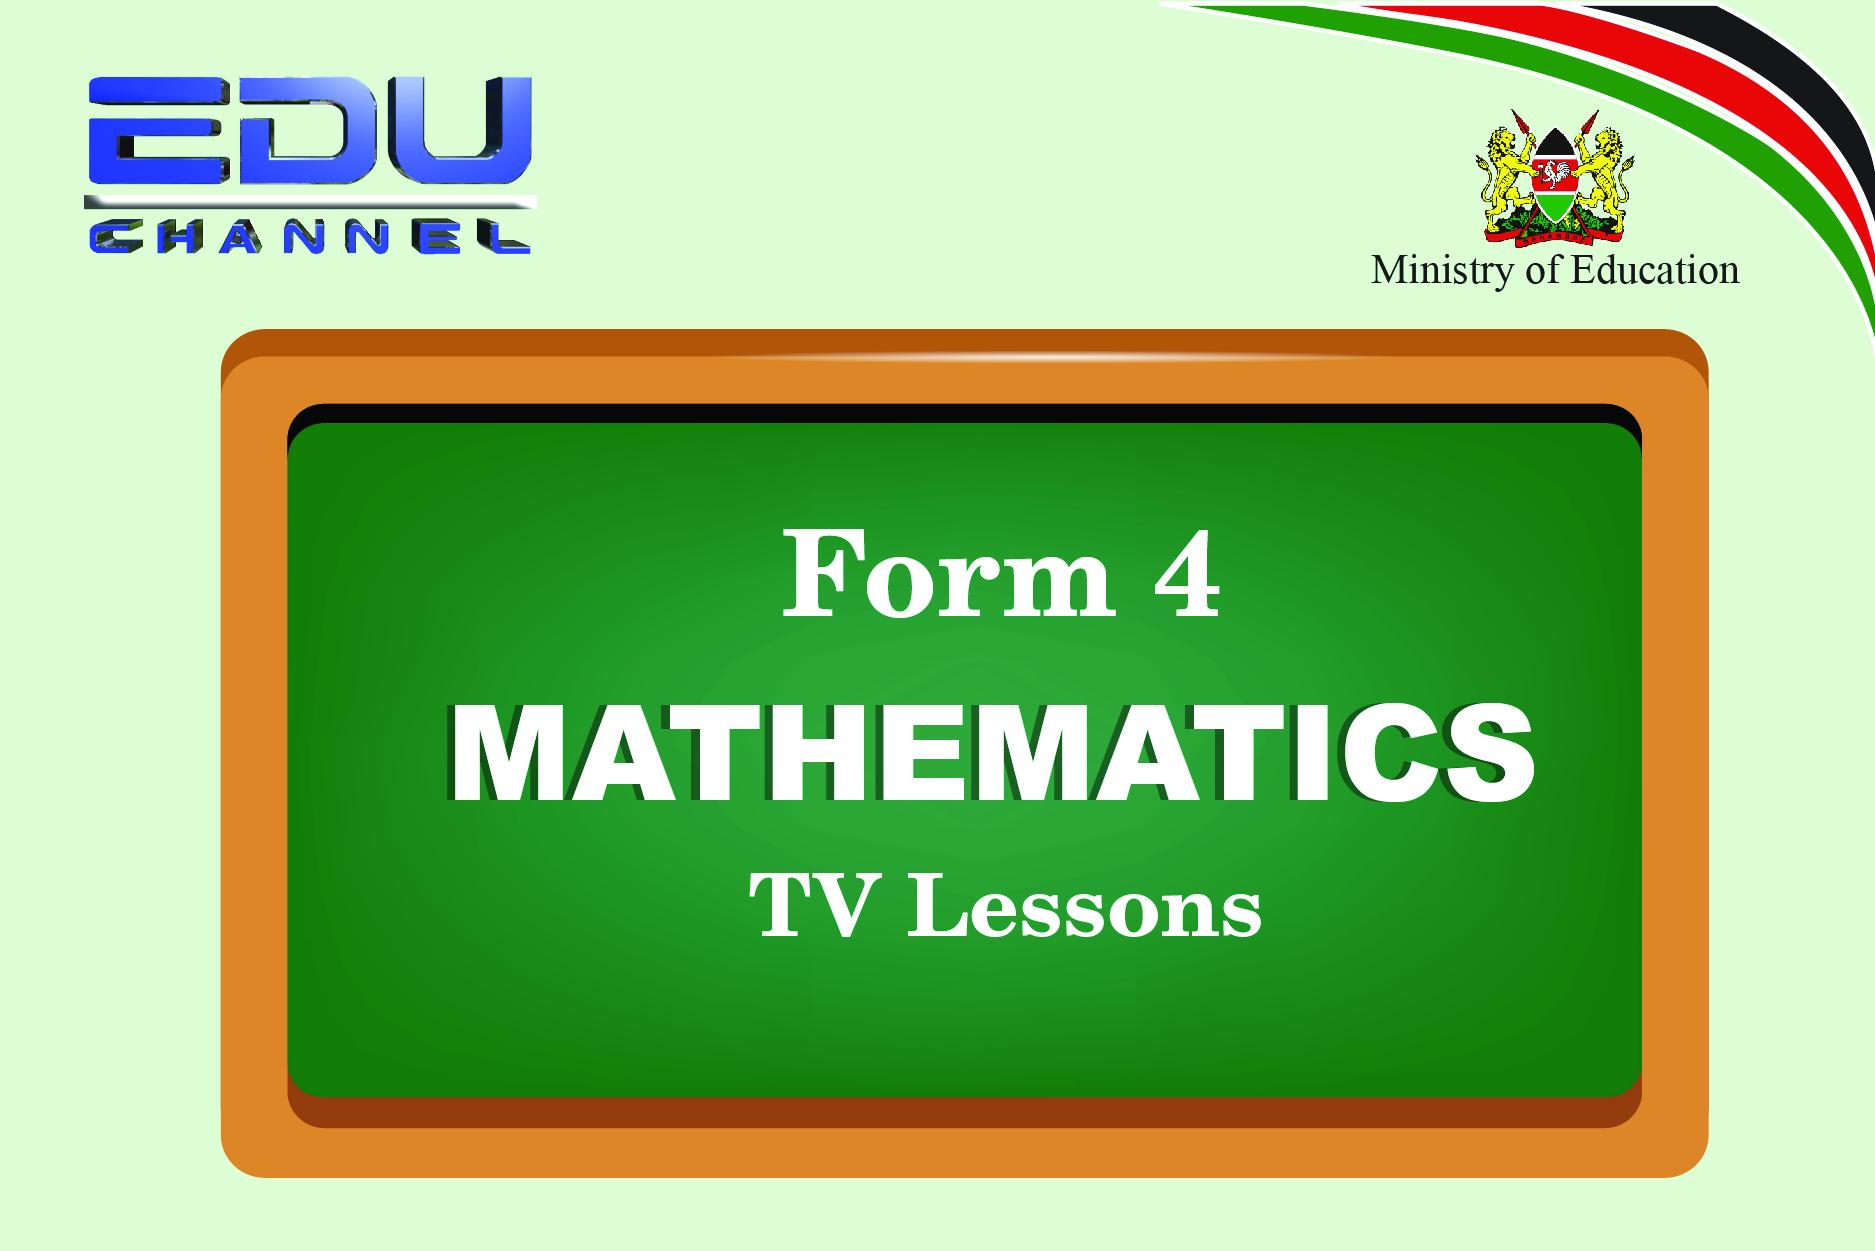 Form 4 mathematics Lesson 3: Statistics II Median and Quartiles